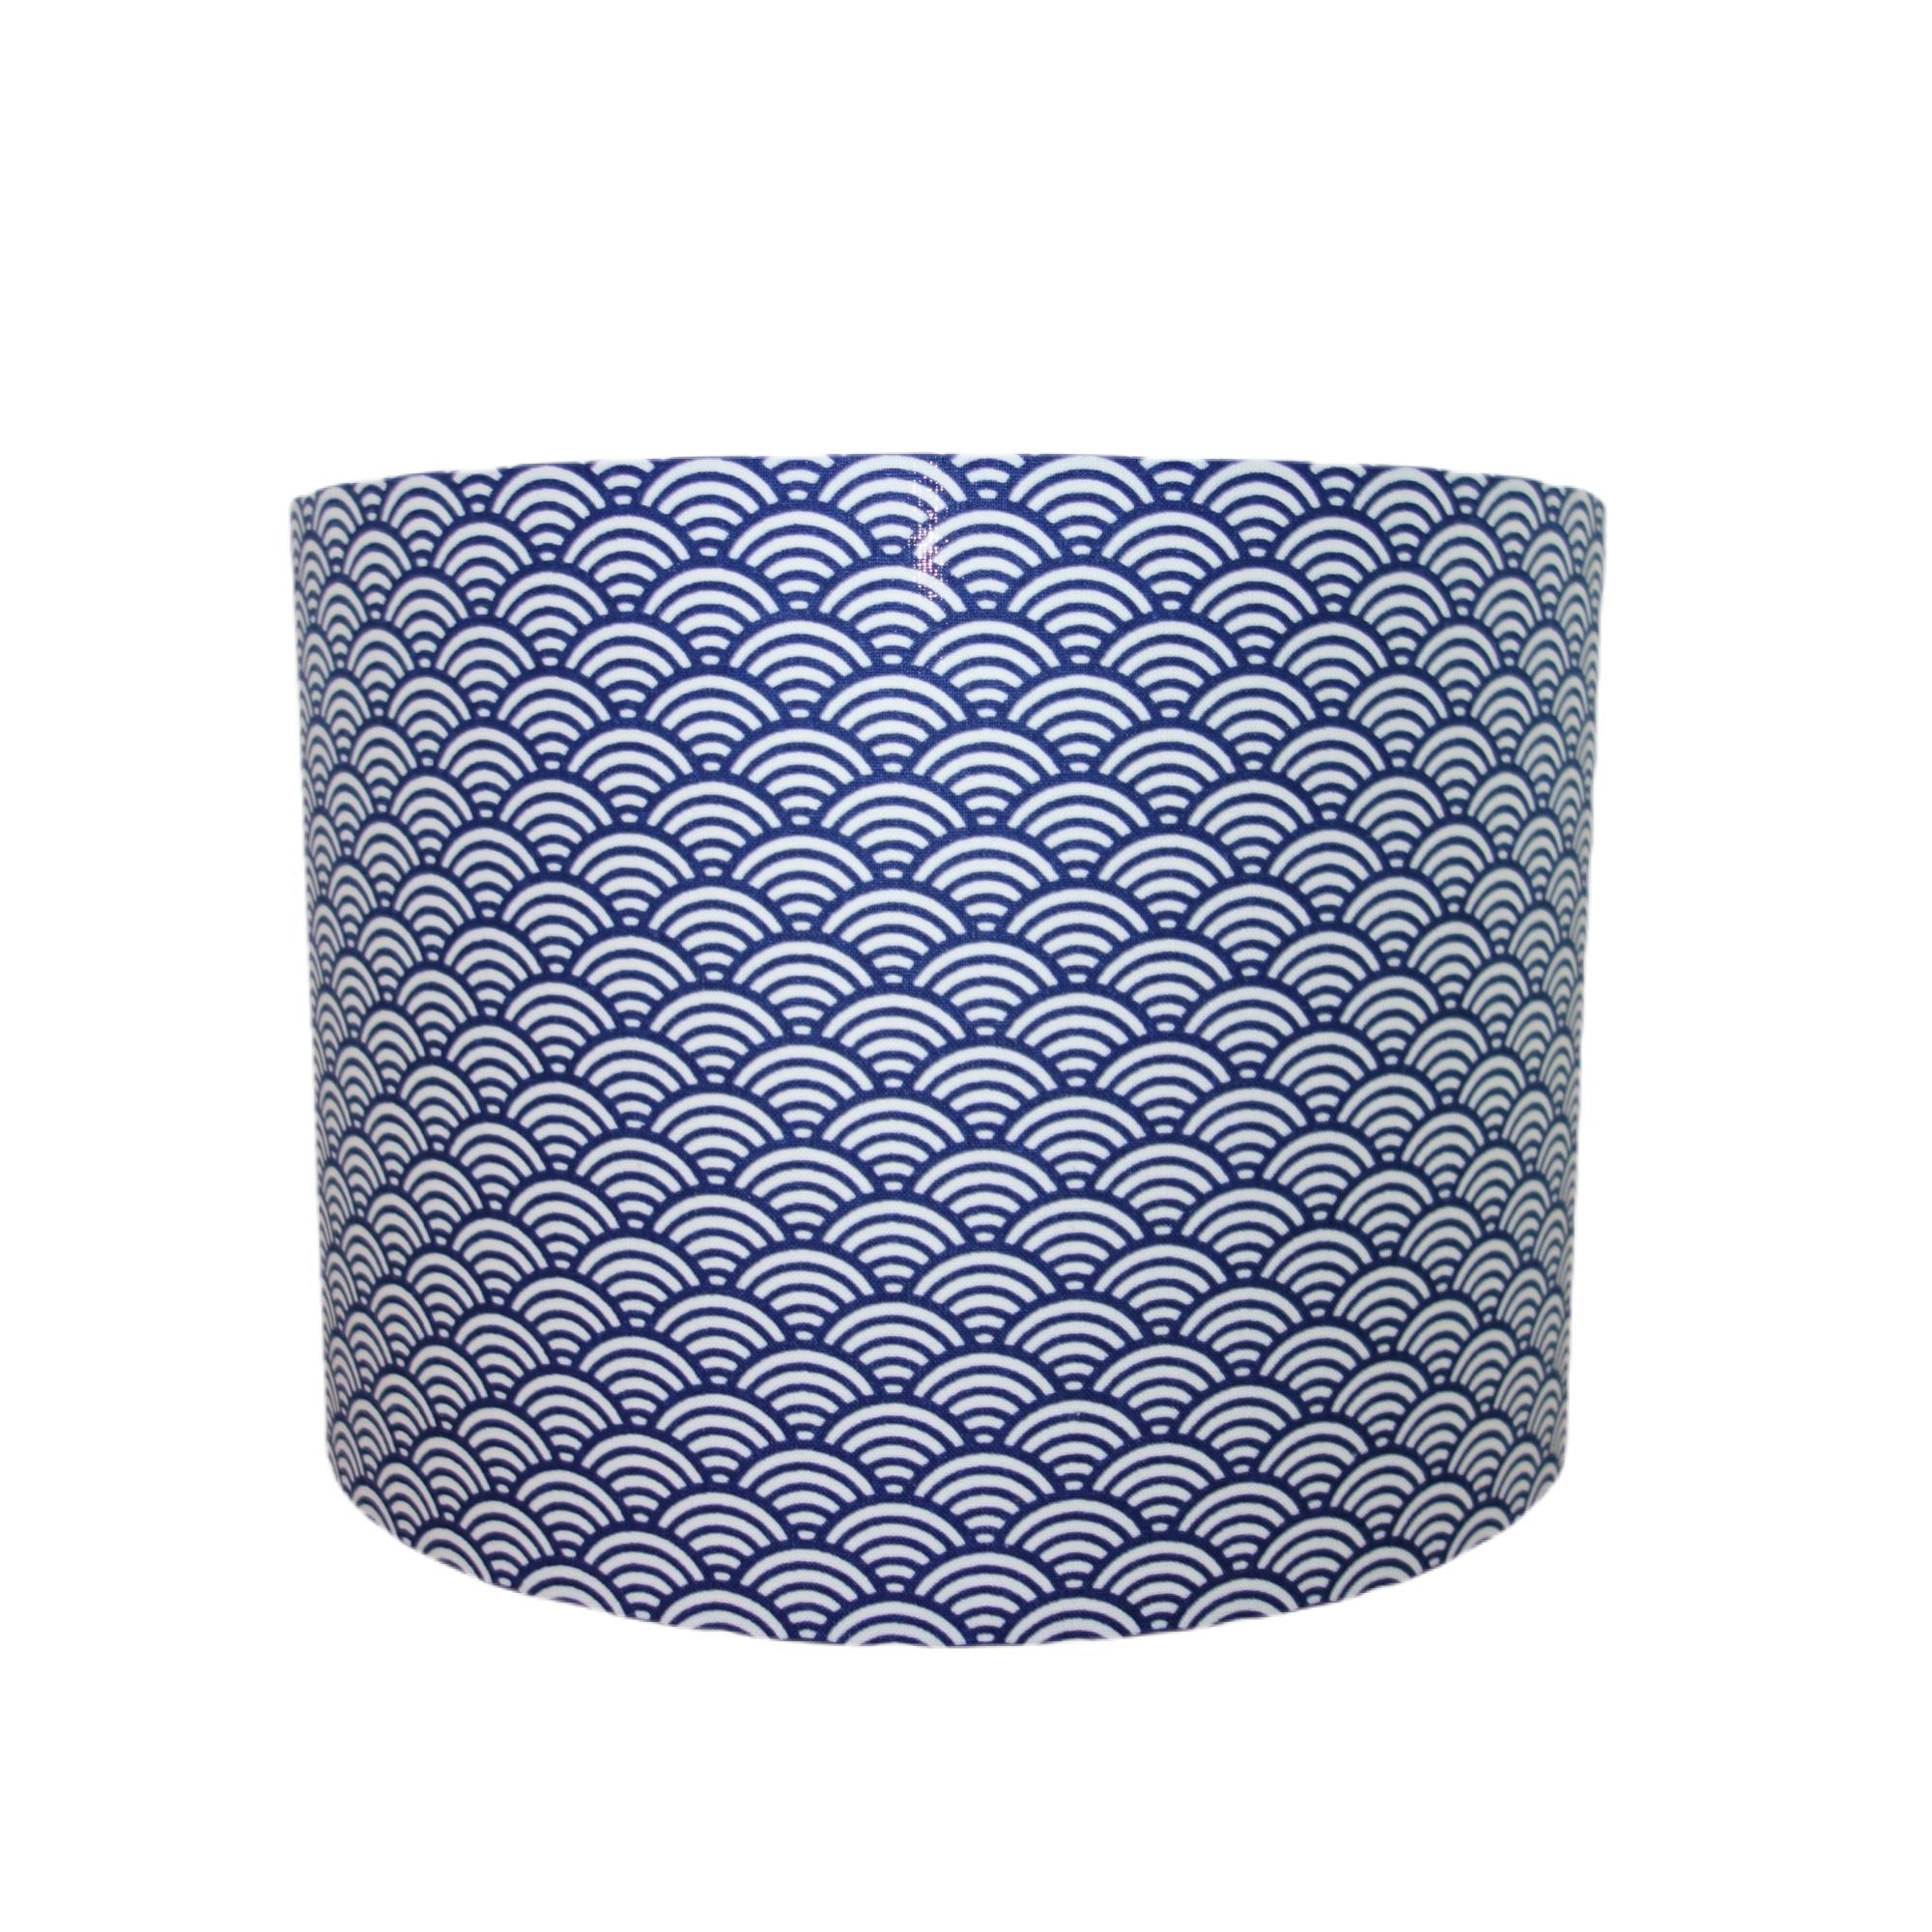 Suspension vague bleu marine diamètre 35 cm